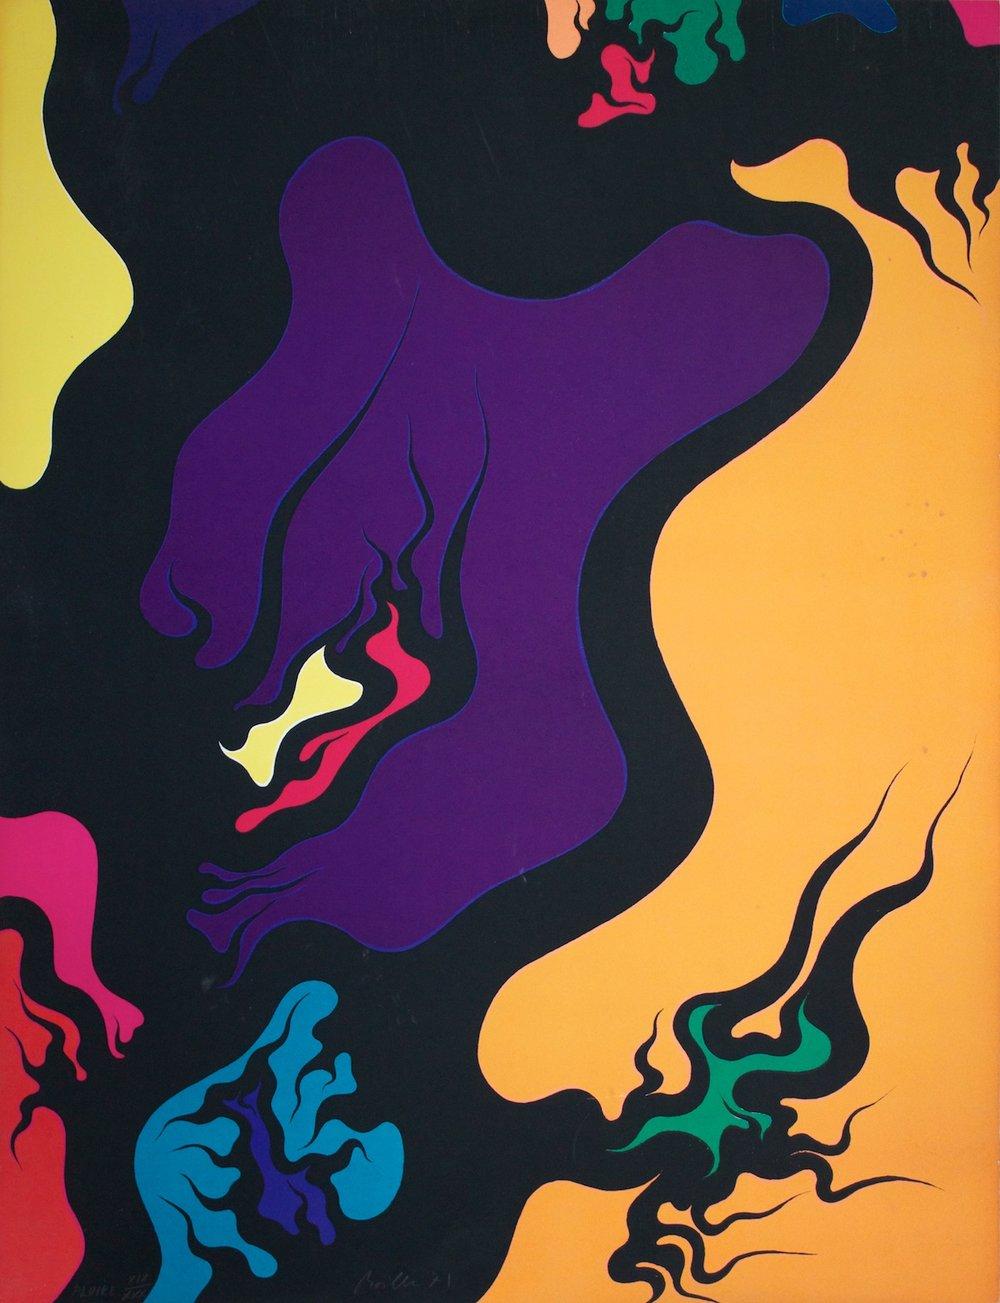 Luigi Boille - Fluire - Lithograph on paper - 1971